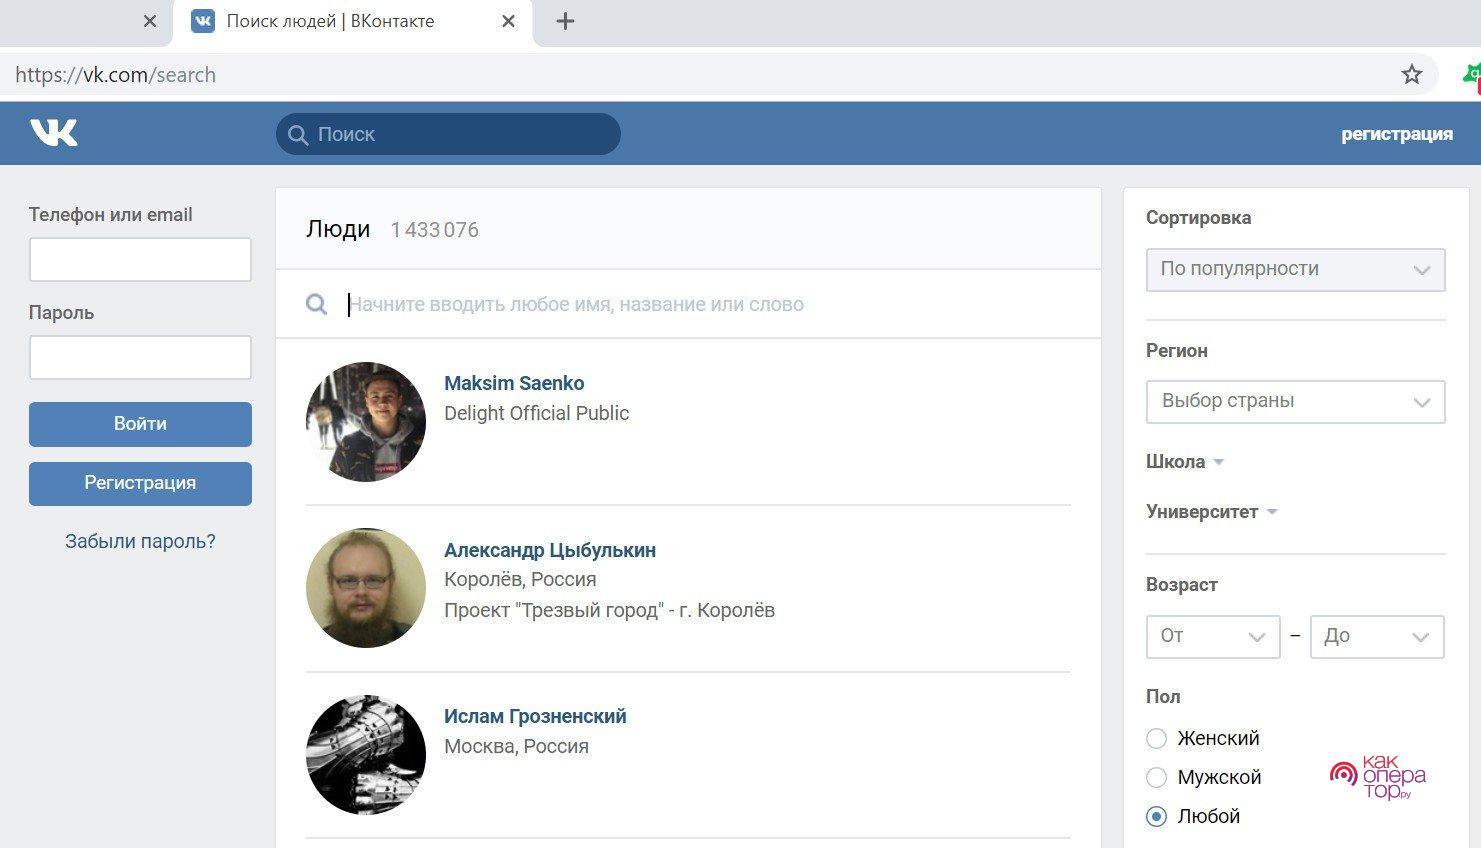 C:\Users\Геральд из Ривии\Desktop\v1.jpg